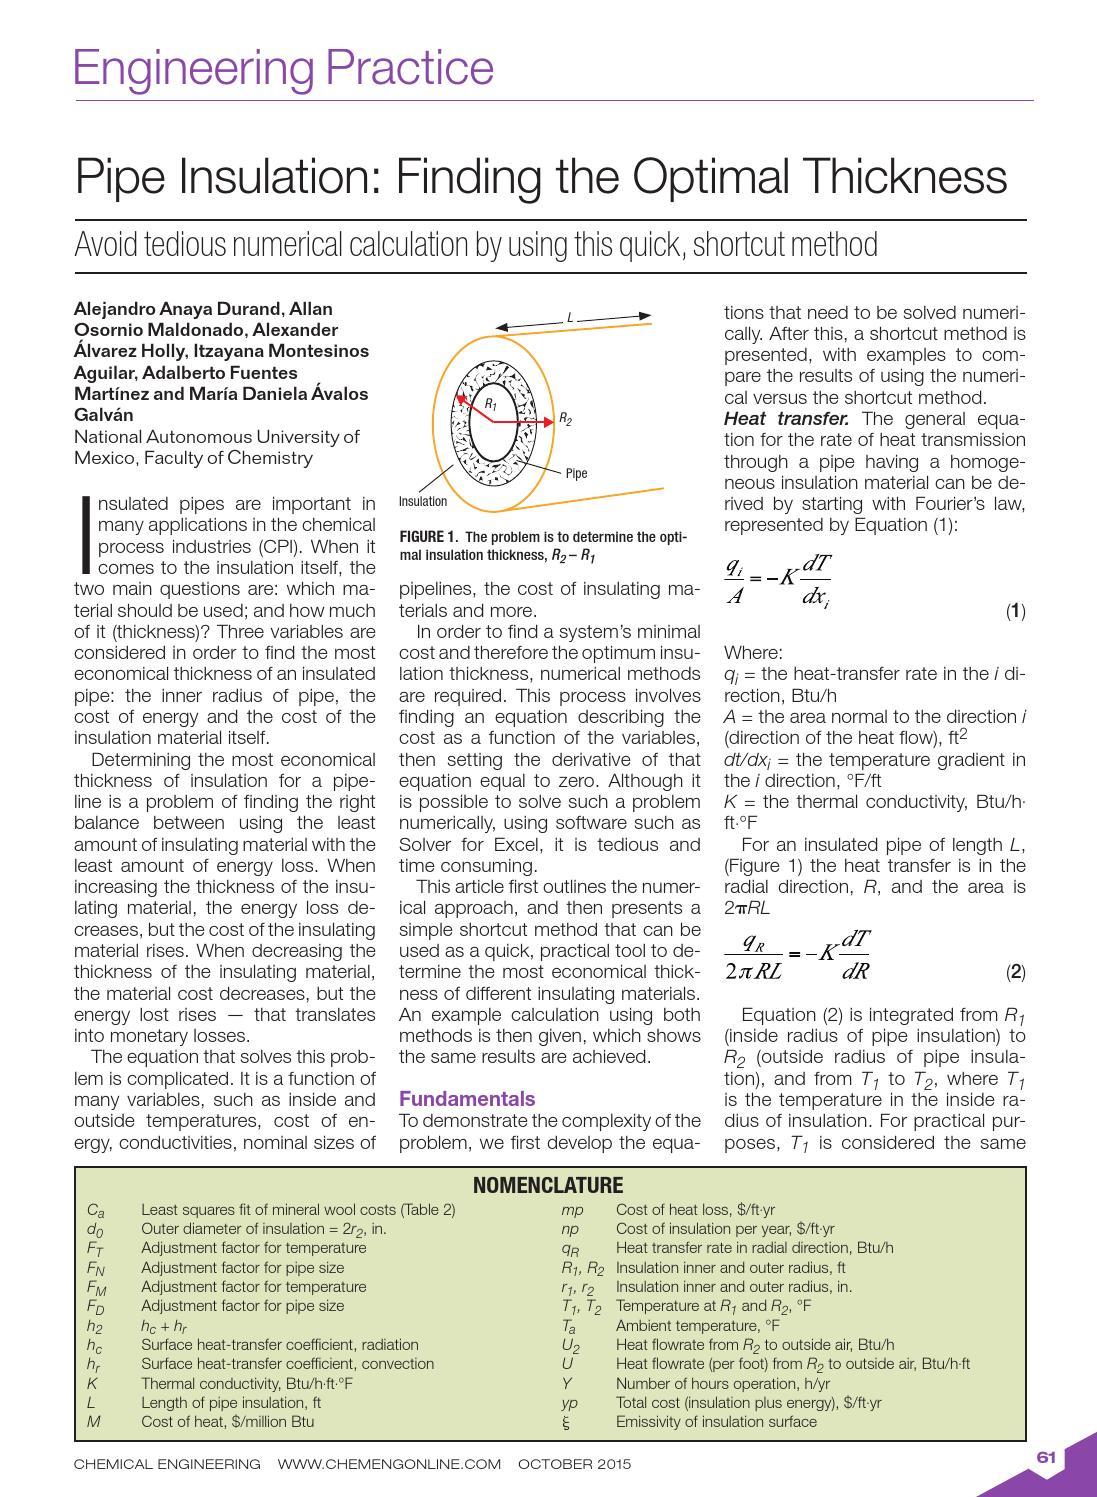 Chemical engineering october 2015 by Aso de Ingeniería